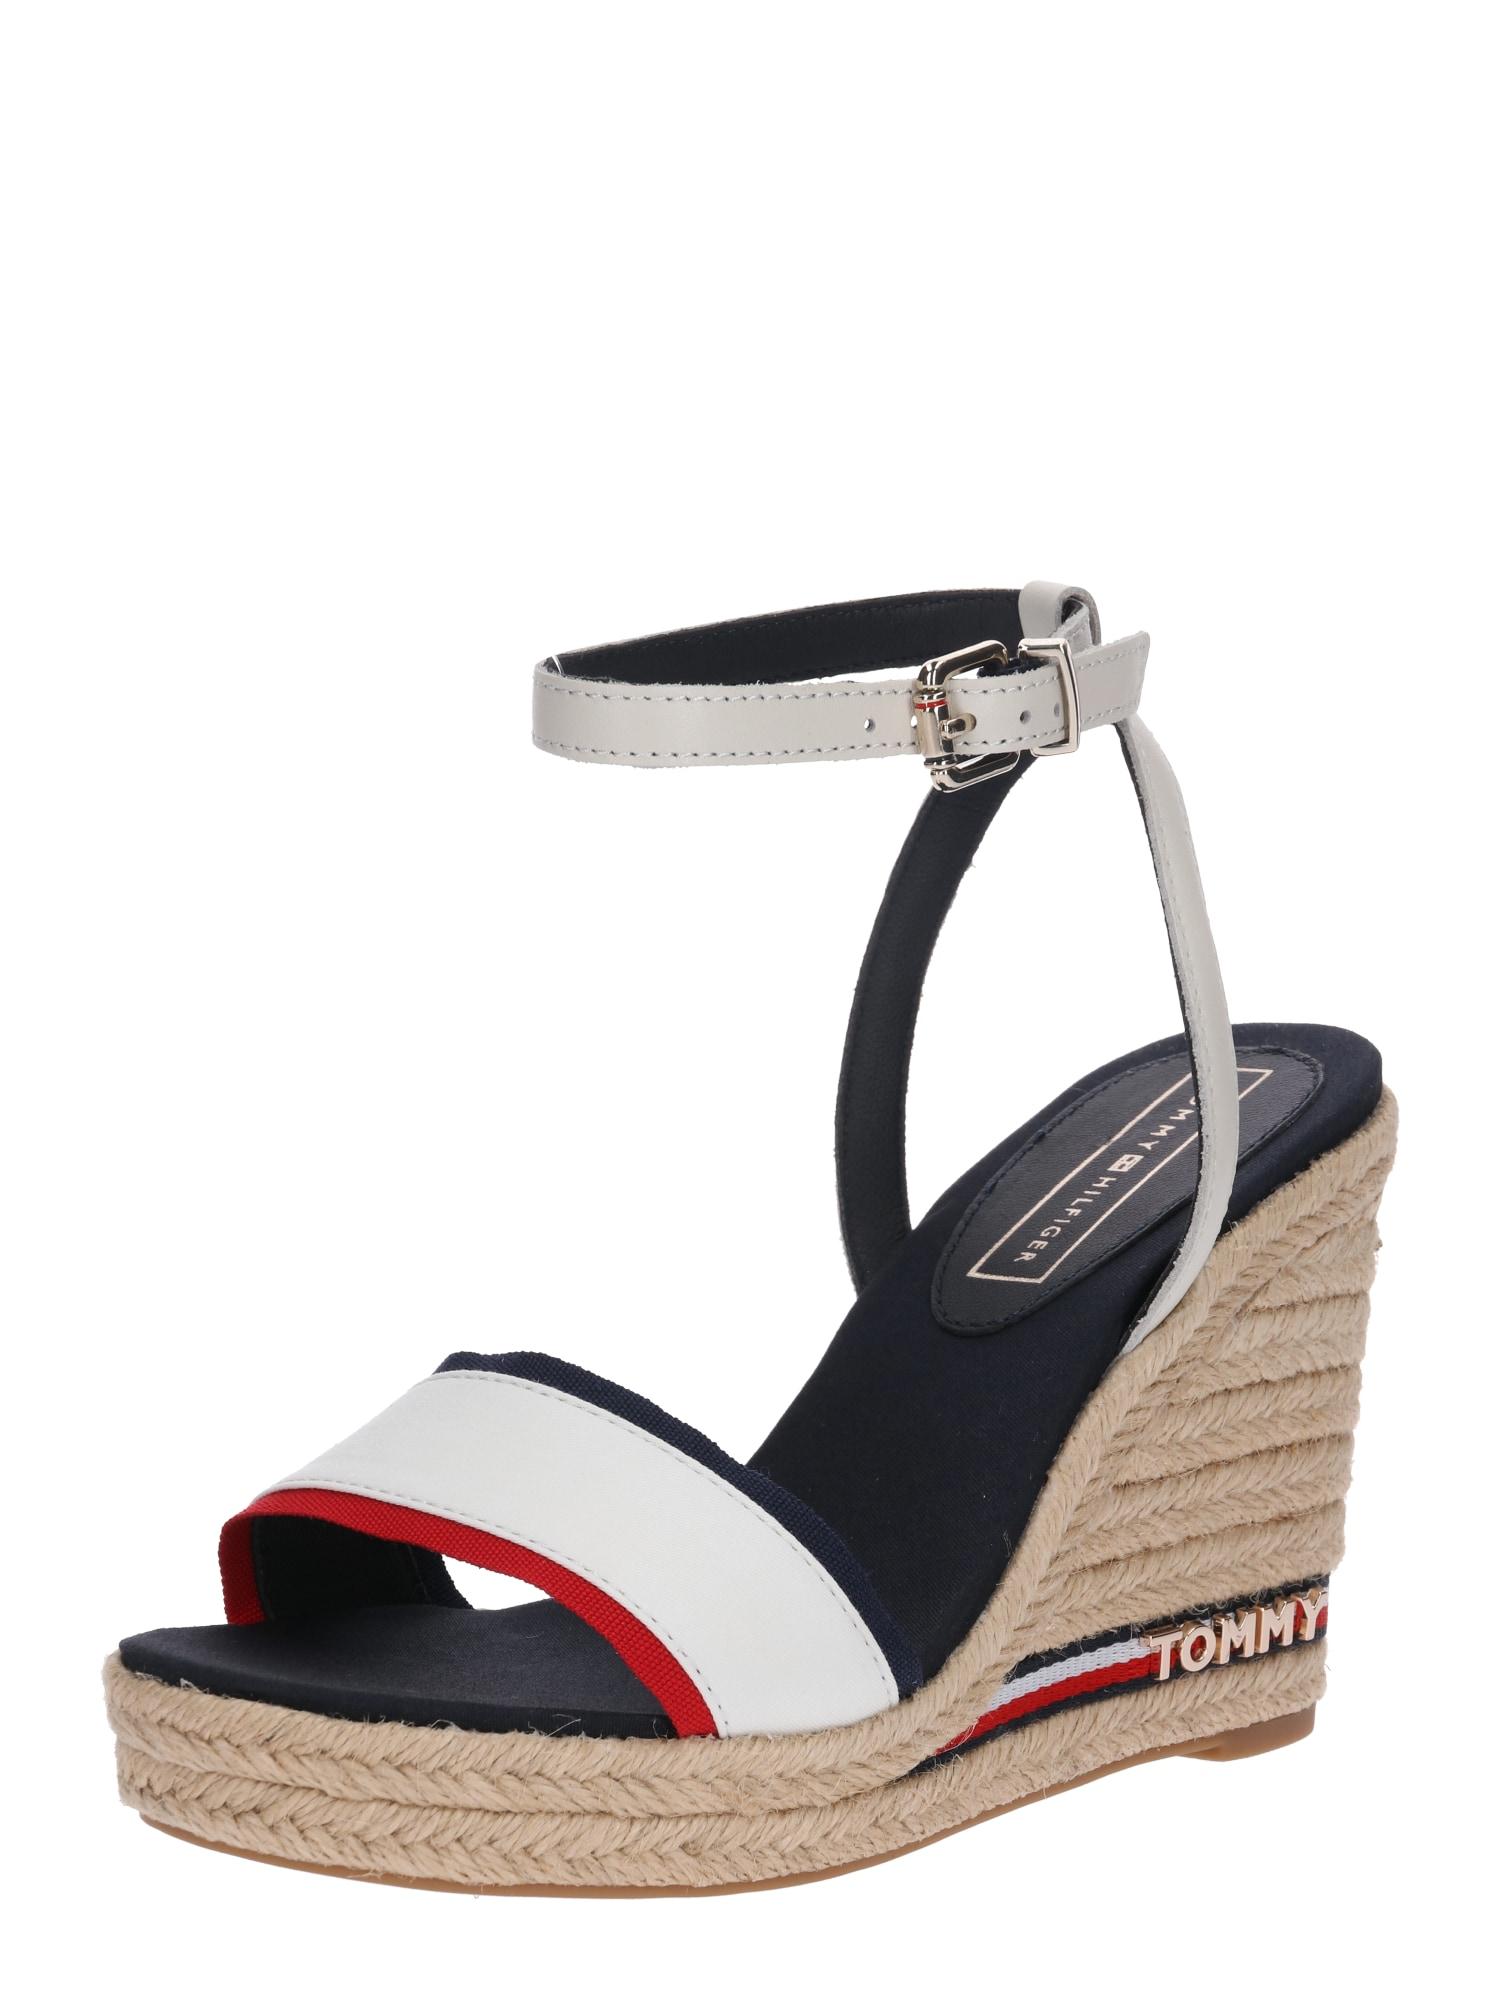 Páskové sandály Elena noční modrá červená bílá TOMMY HILFIGER